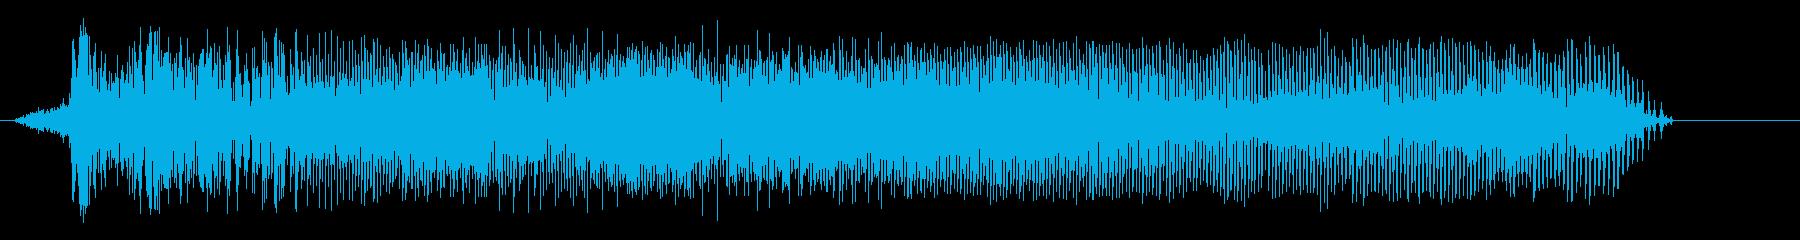 うわぁぁ!の再生済みの波形